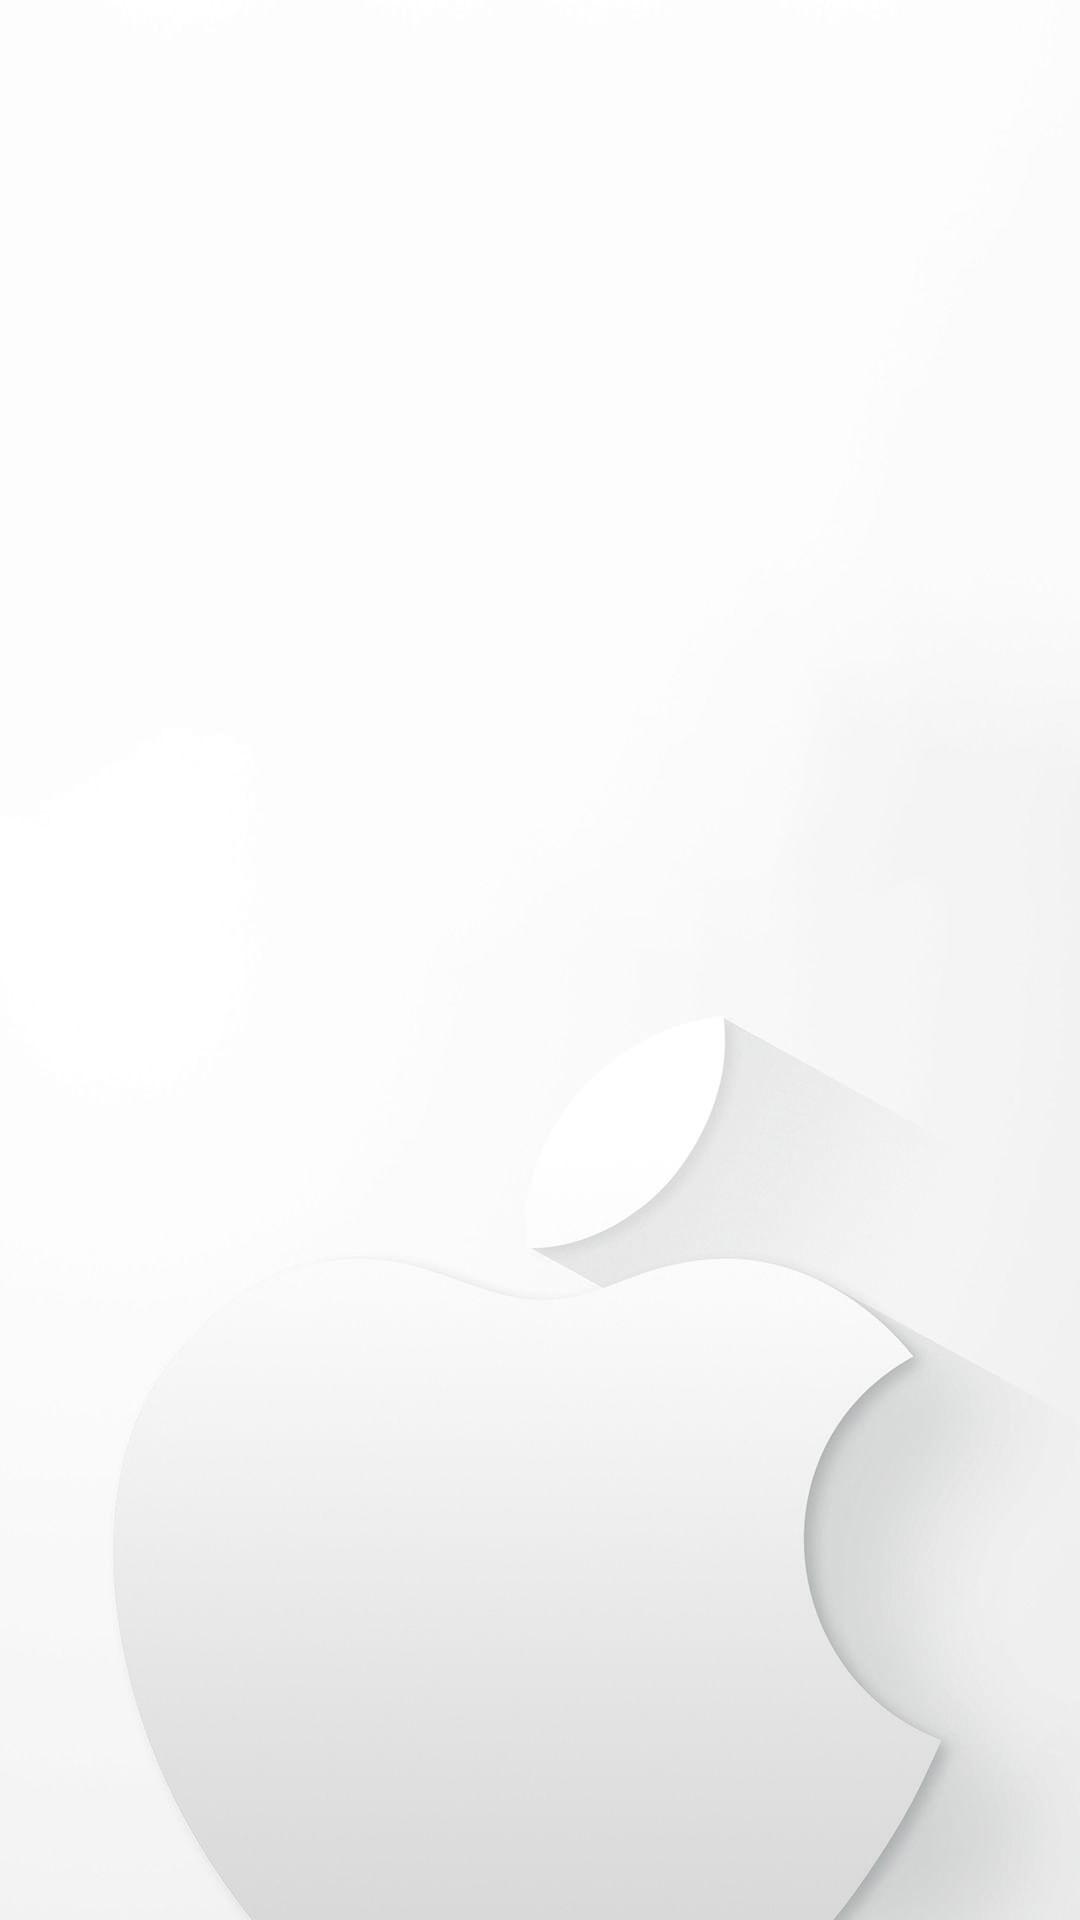 ホワイトiphone6s壁紙 Iphone6 壁紙 壁紙 アップルロゴ